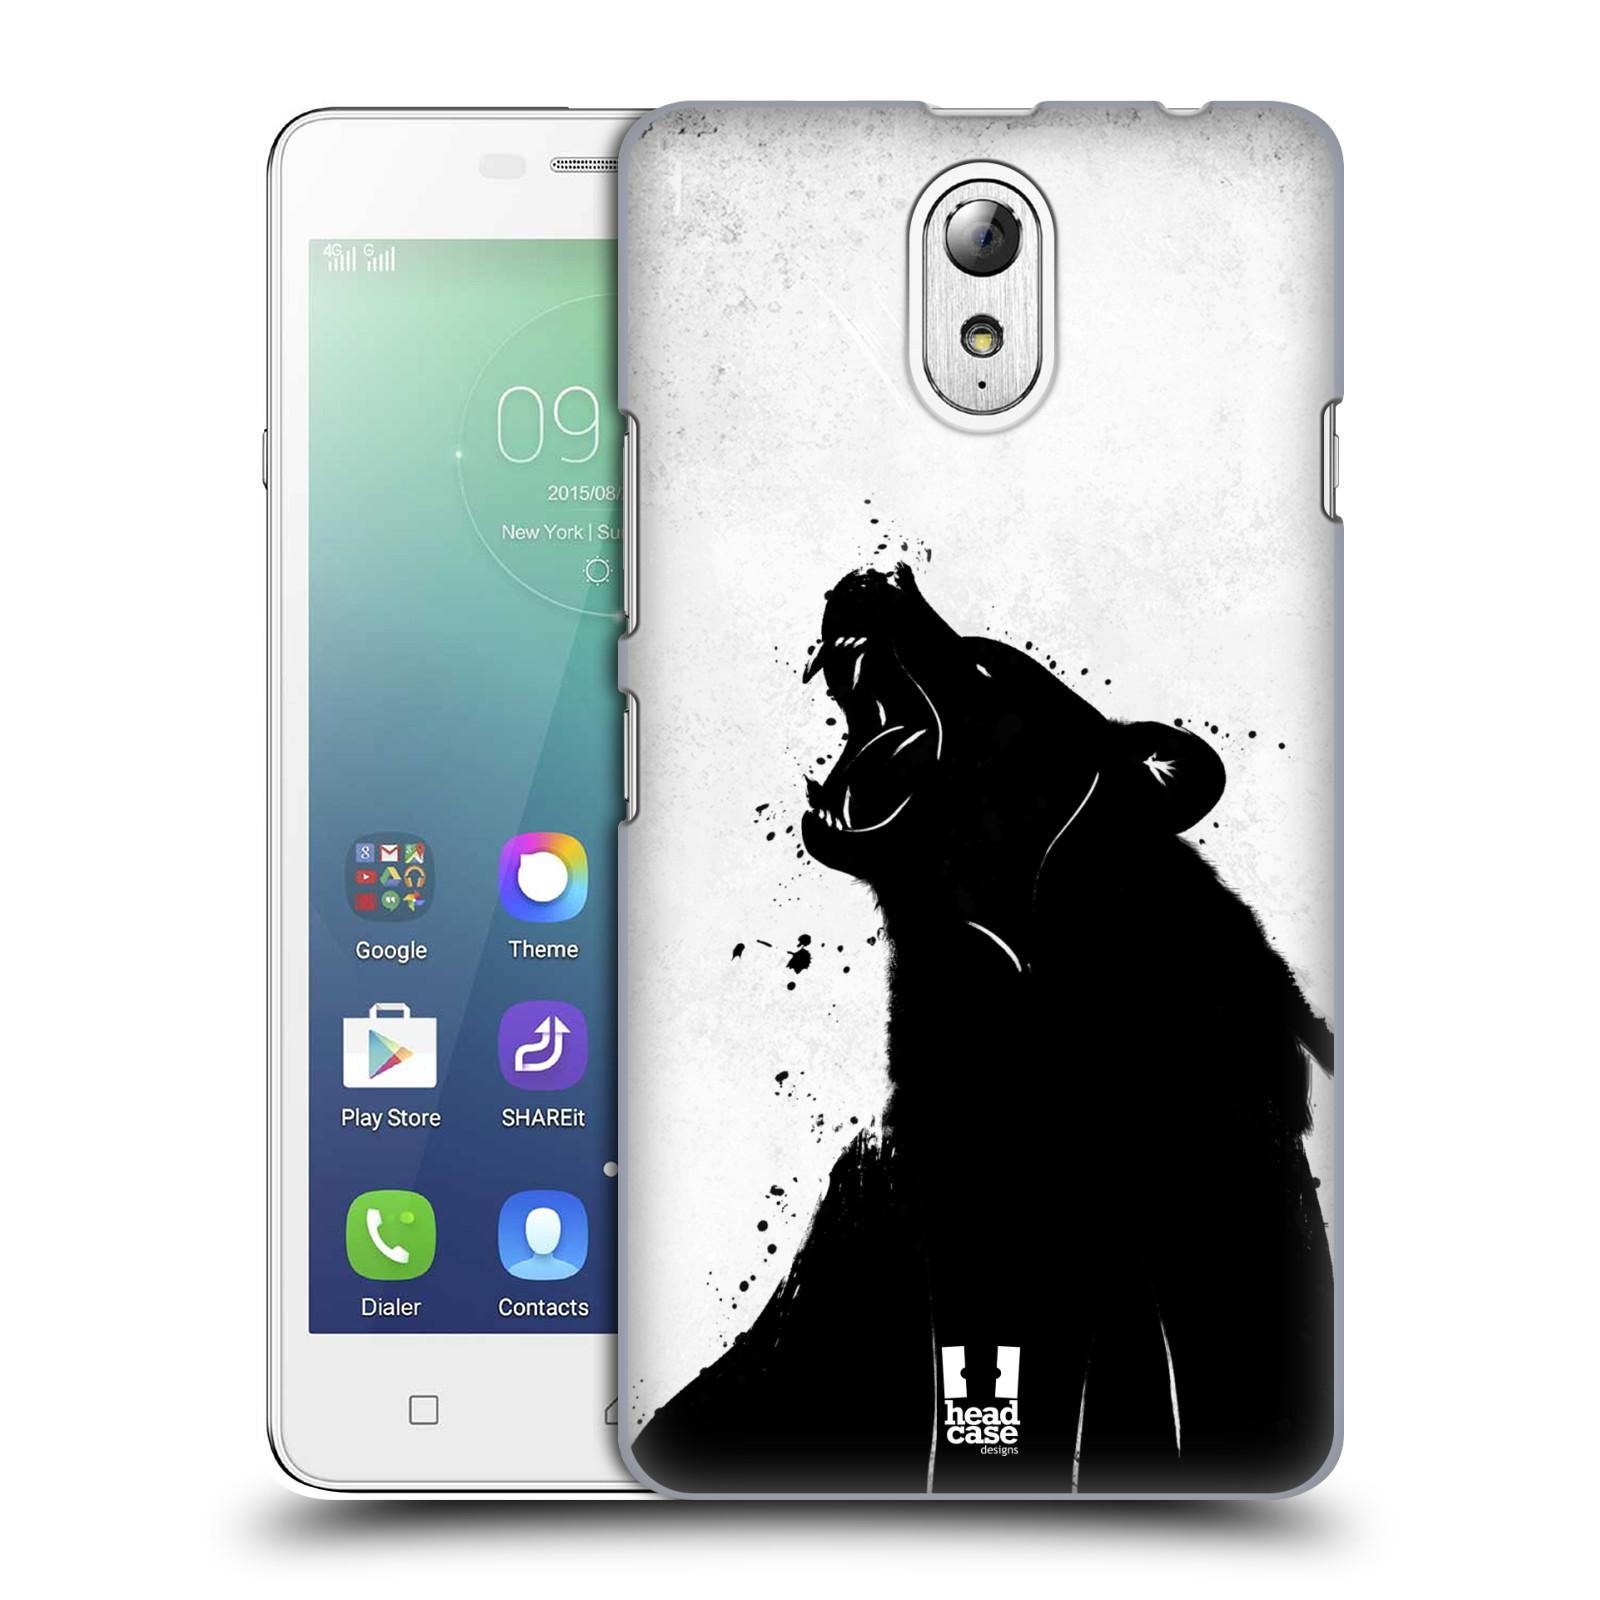 HEAD CASE pevný plastový obal na mobil LENOVO VIBE P1m / LENOVO VIBE p1m DUAL SIM vzor Kresba tuš zvíře medvěd